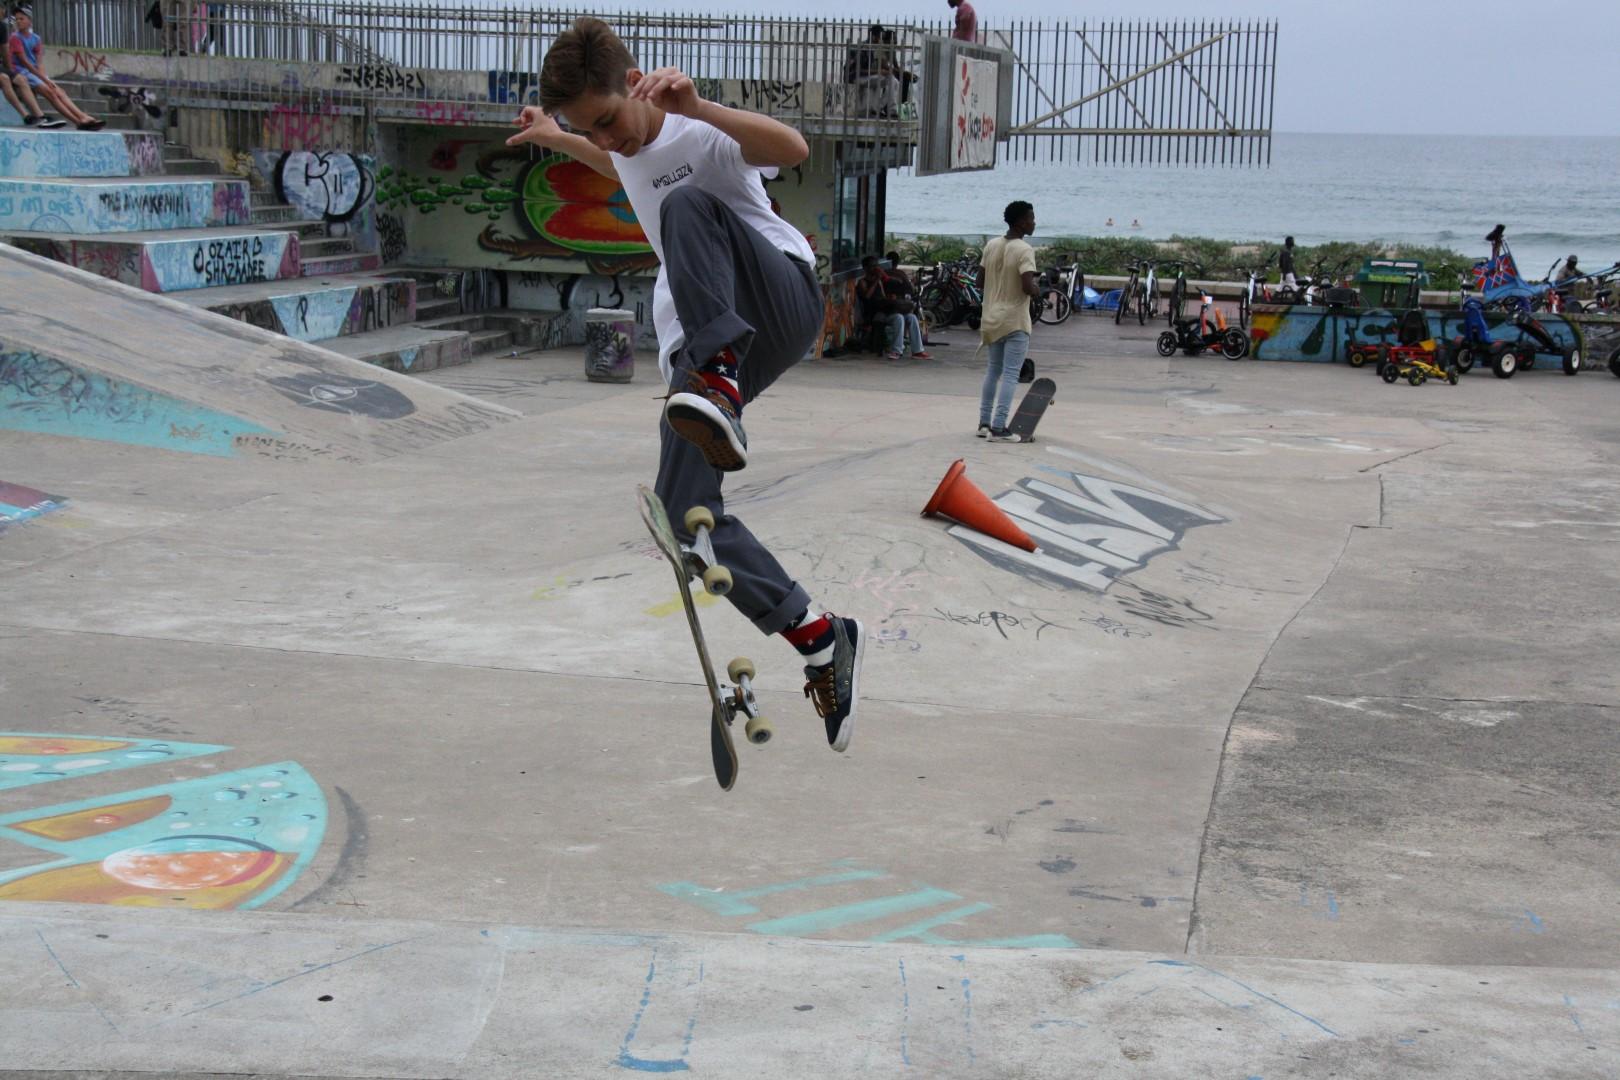 Jamie de Villiers in action.